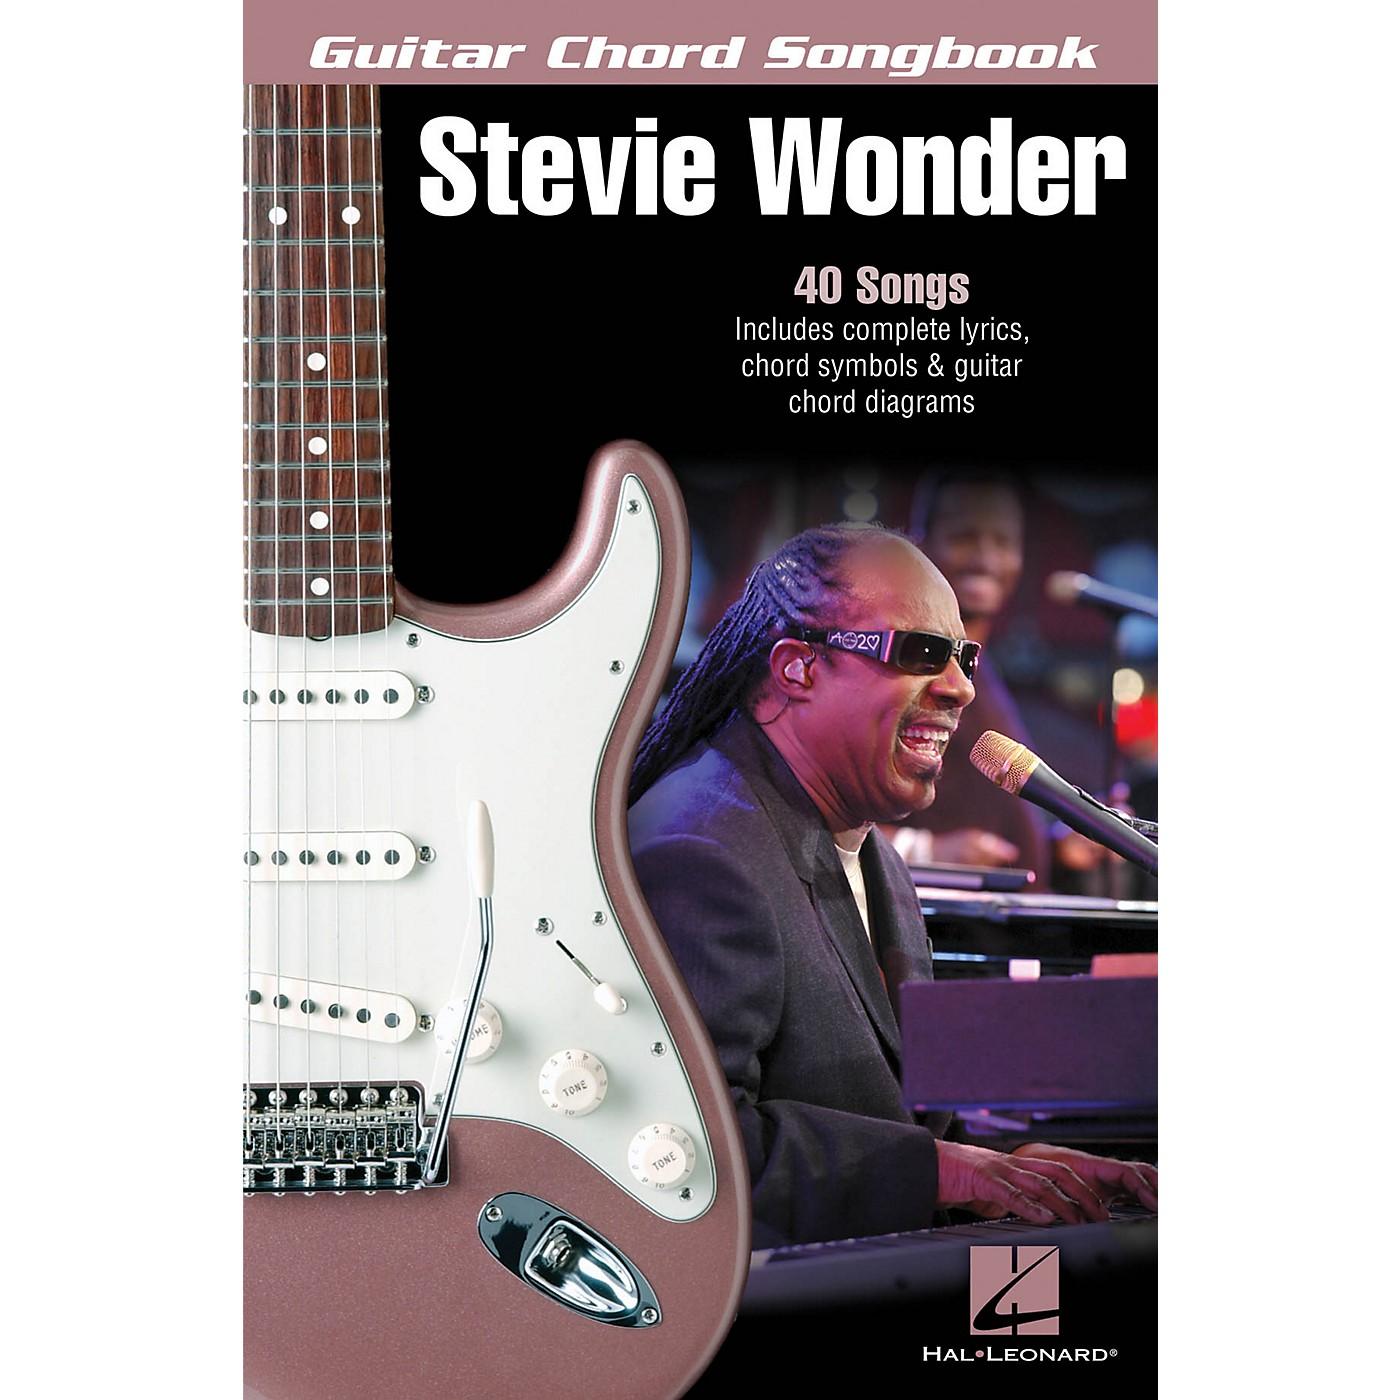 Hal Leonard Stevie Wonder - Guitar Chord Songbook Guitar Chord Songbook Series Softcover Performed by Stevie Wonder thumbnail